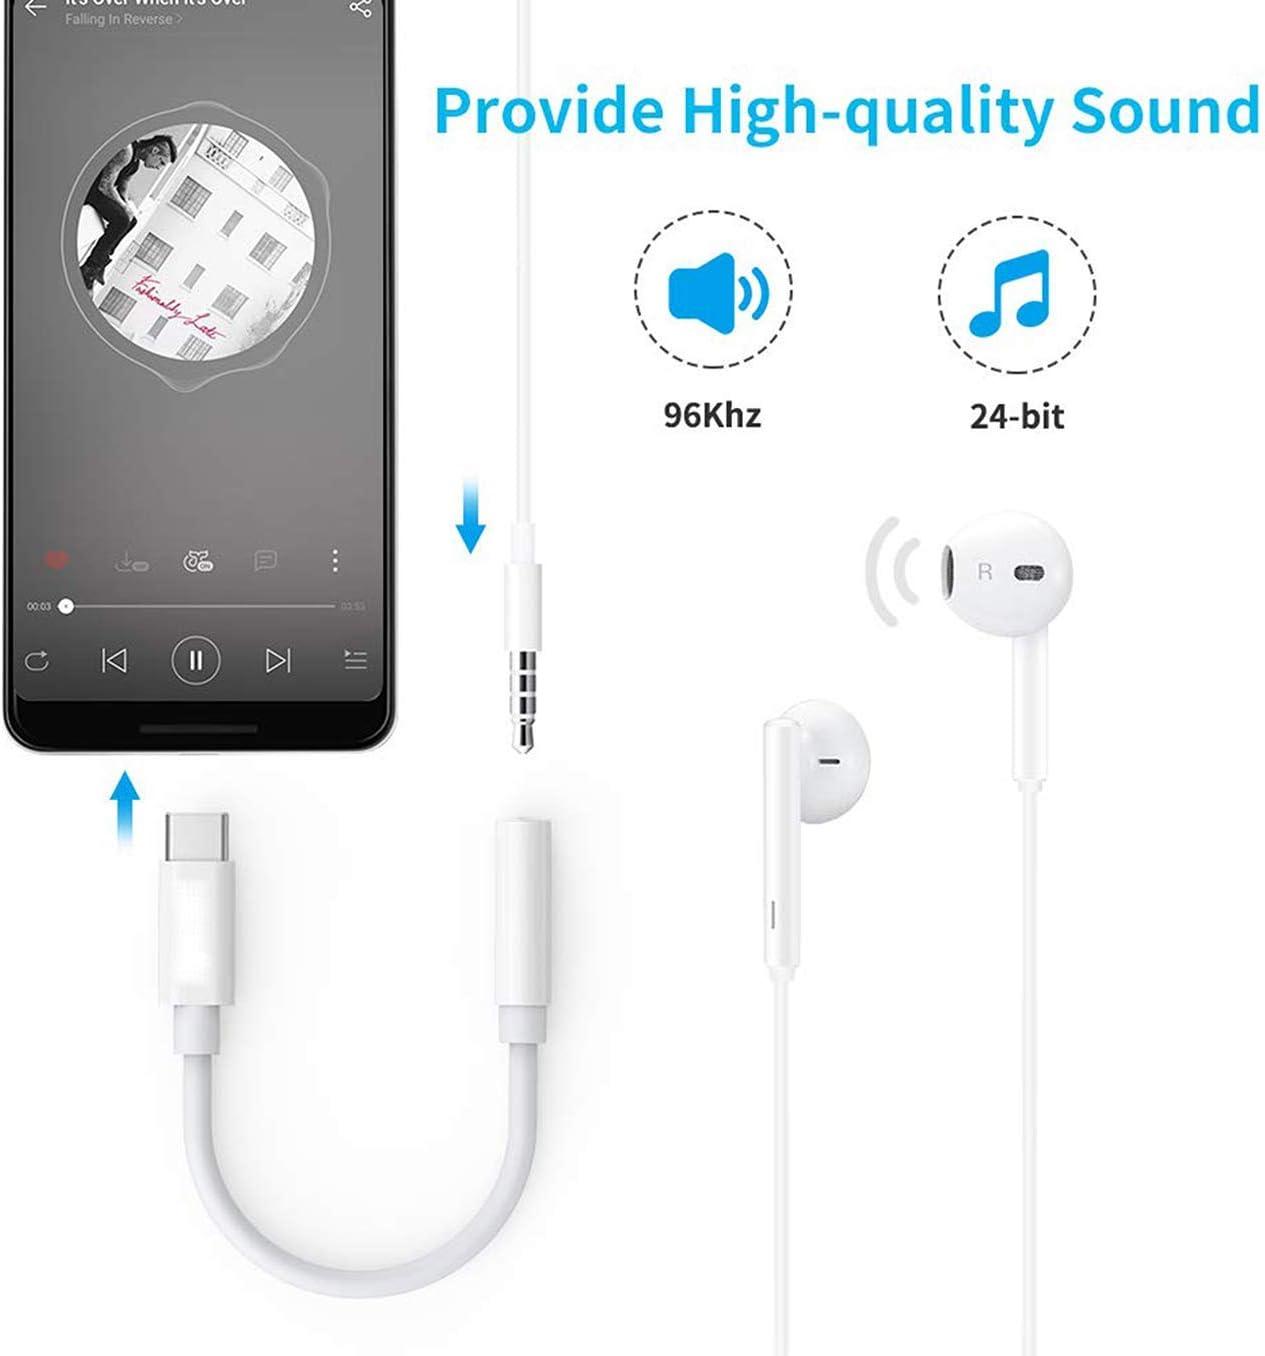 Blanc YHSRBD Adaptateur Casque pour iPhone 11 Adaptateur Aux Audio Connecteur Jack 3,5 mm C/âble Adaptateur Casque R/épartiteur pour Musique Compatible avec iPhone 11 Pro Max//X//XS//XR//7//8 pour Tous iOS